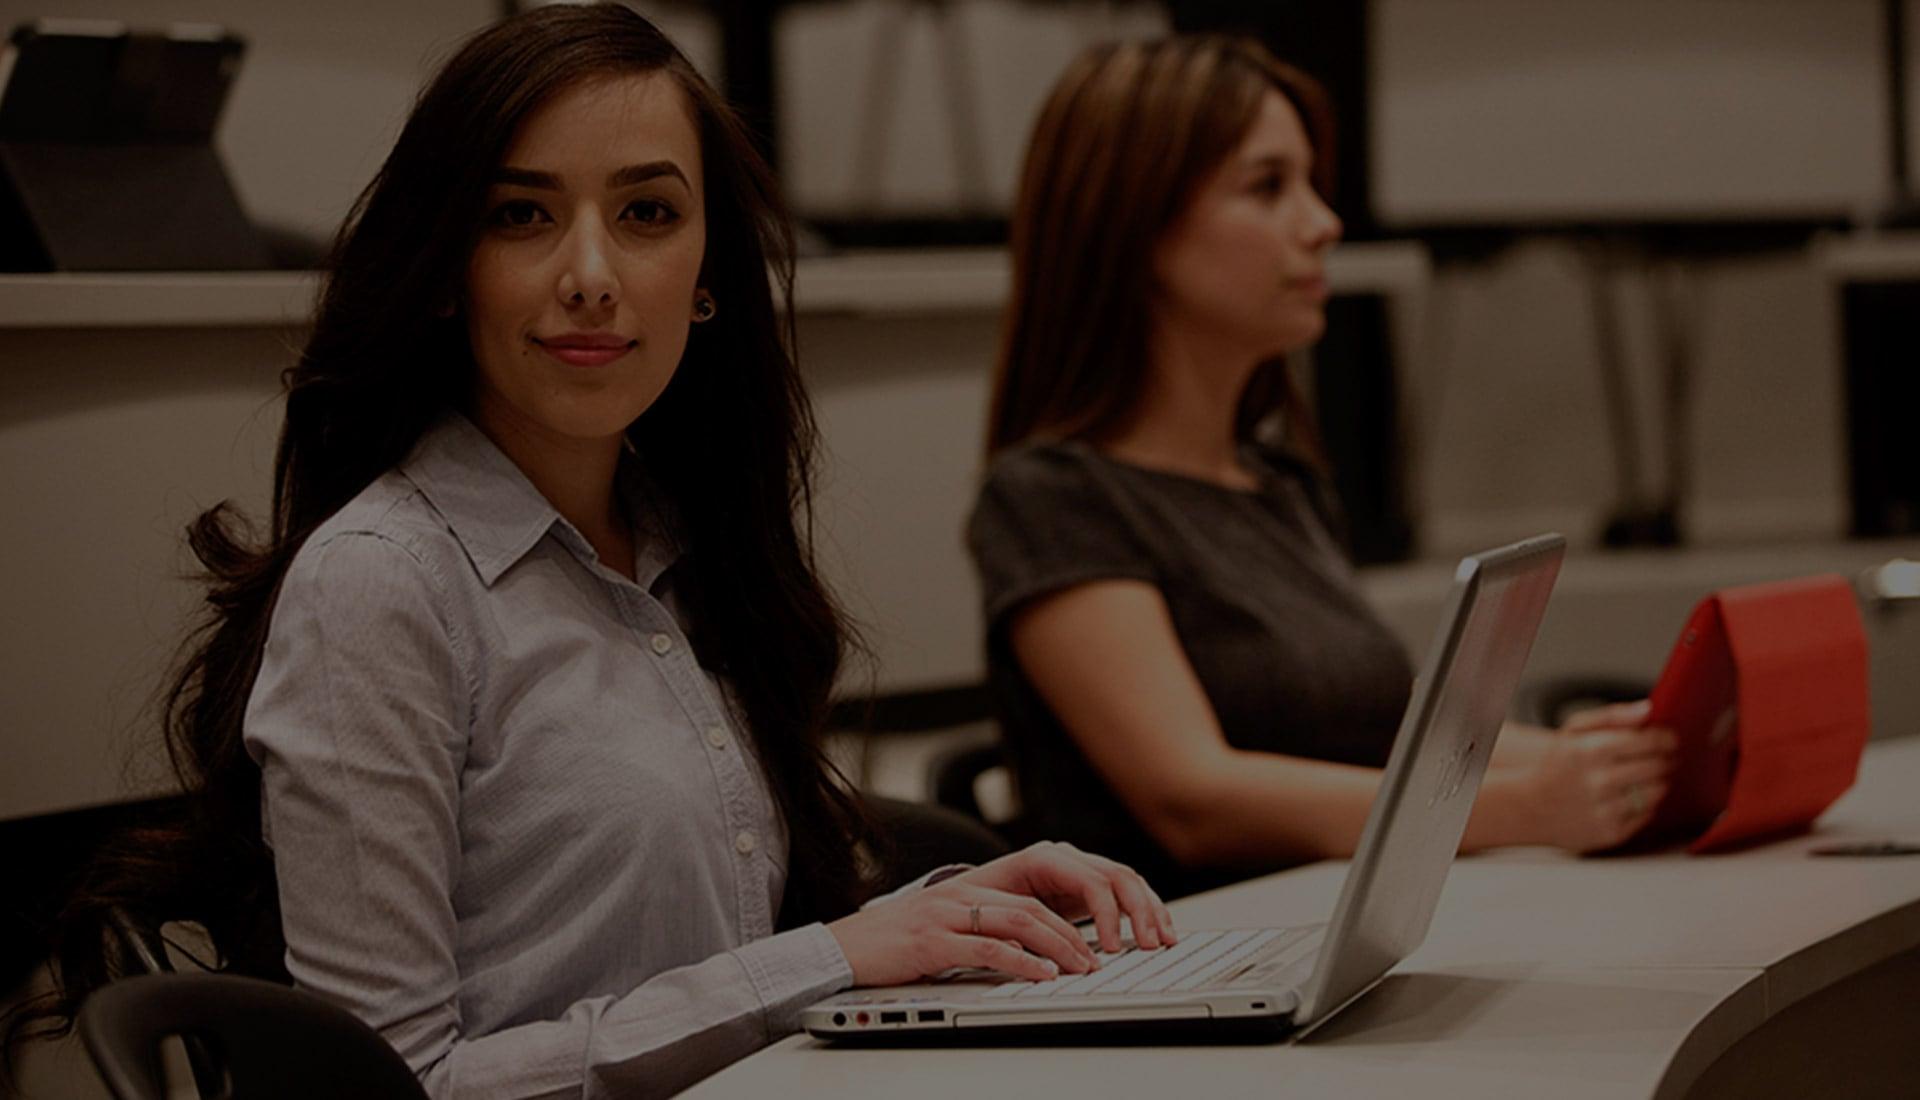 Estudiantes trabajando en la computadora